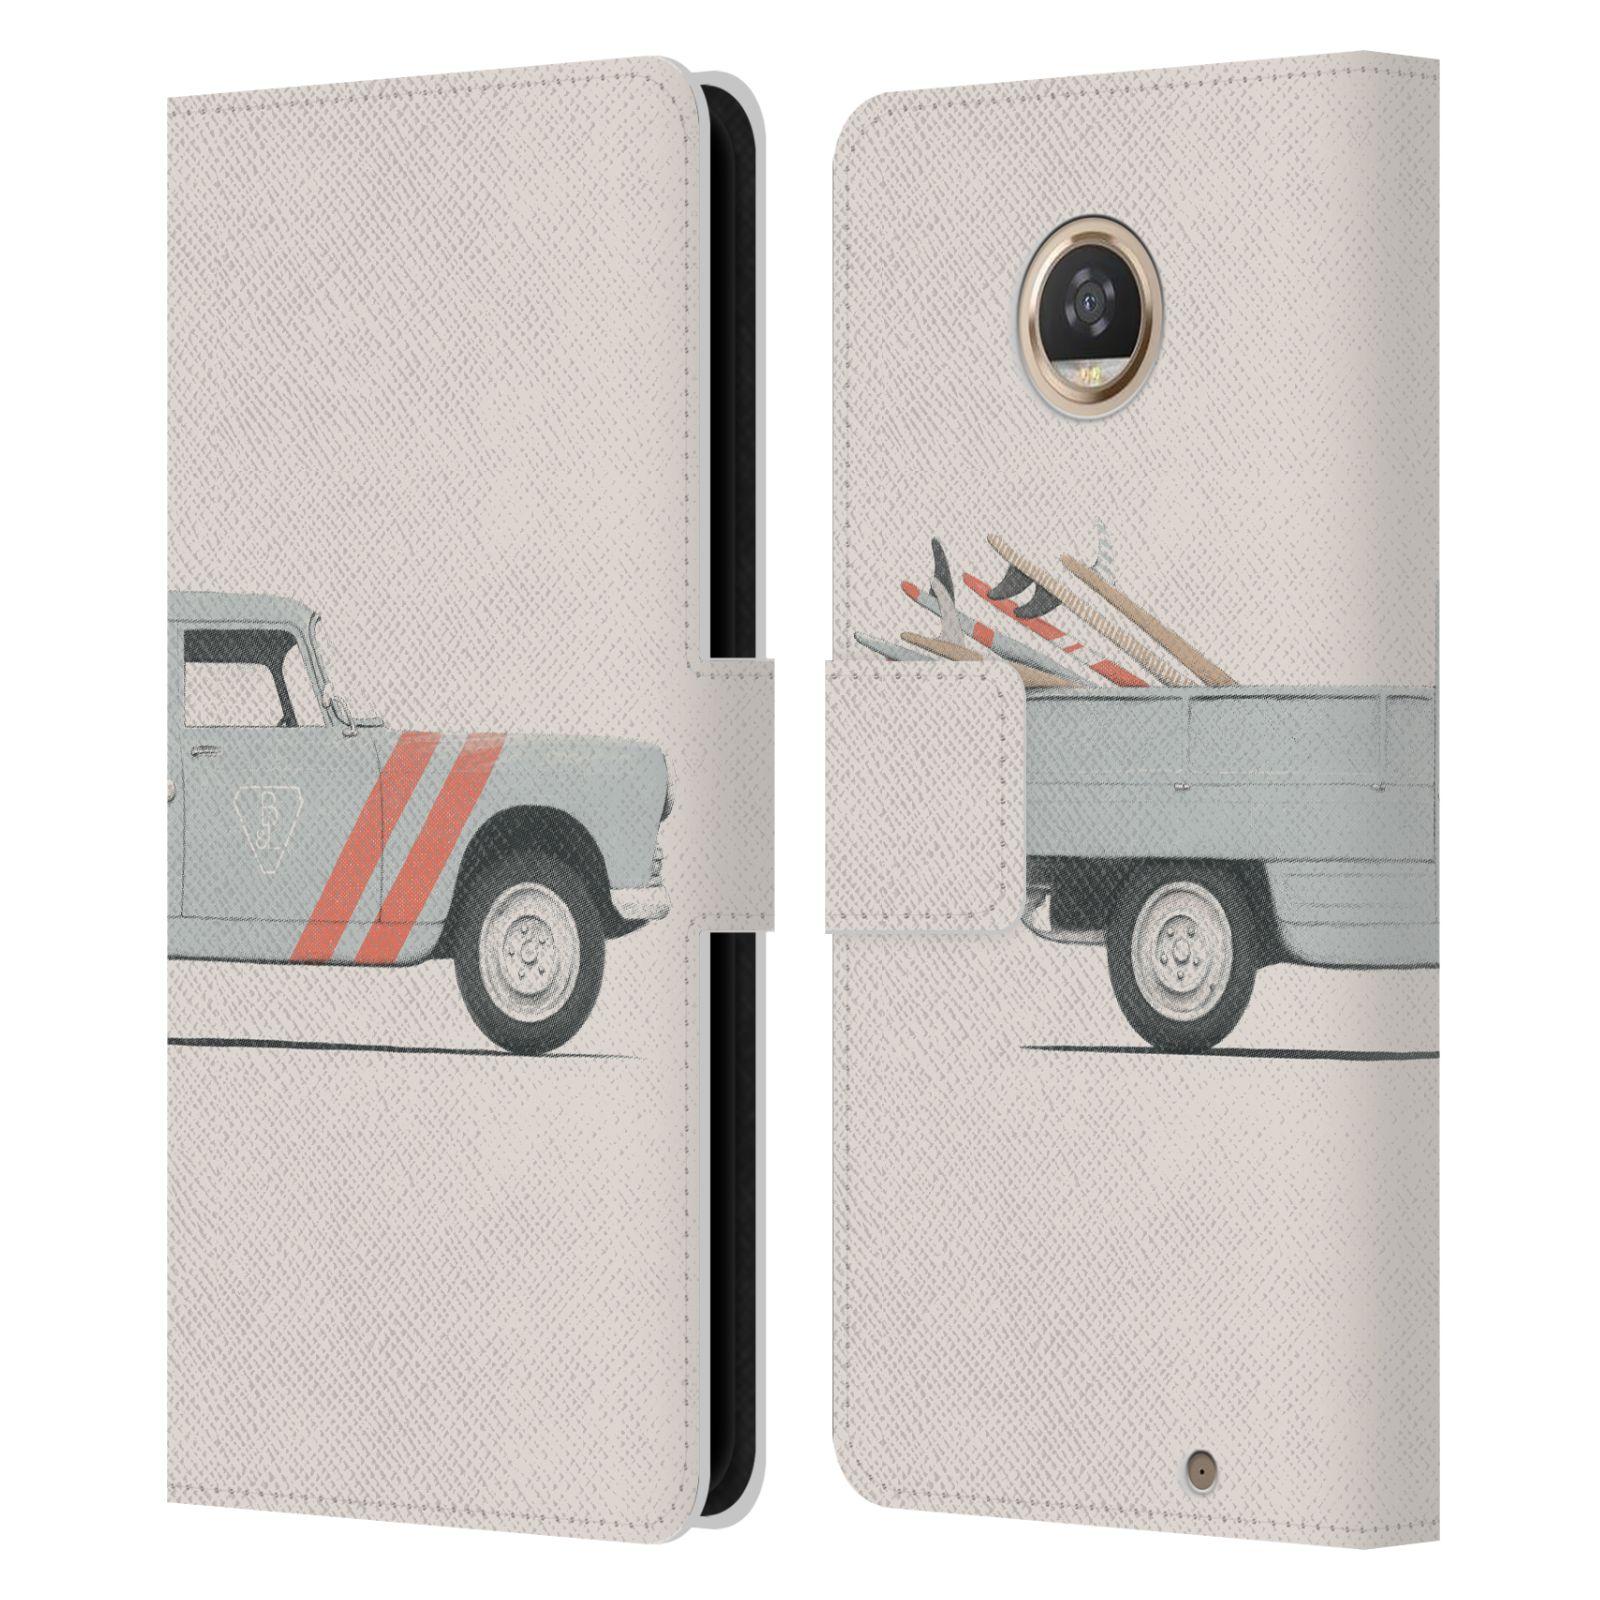 Libro-de-cuero-oficial-Florent-Bodart-ruedas-Billetera-Estuche-para-telefonos-Motorola